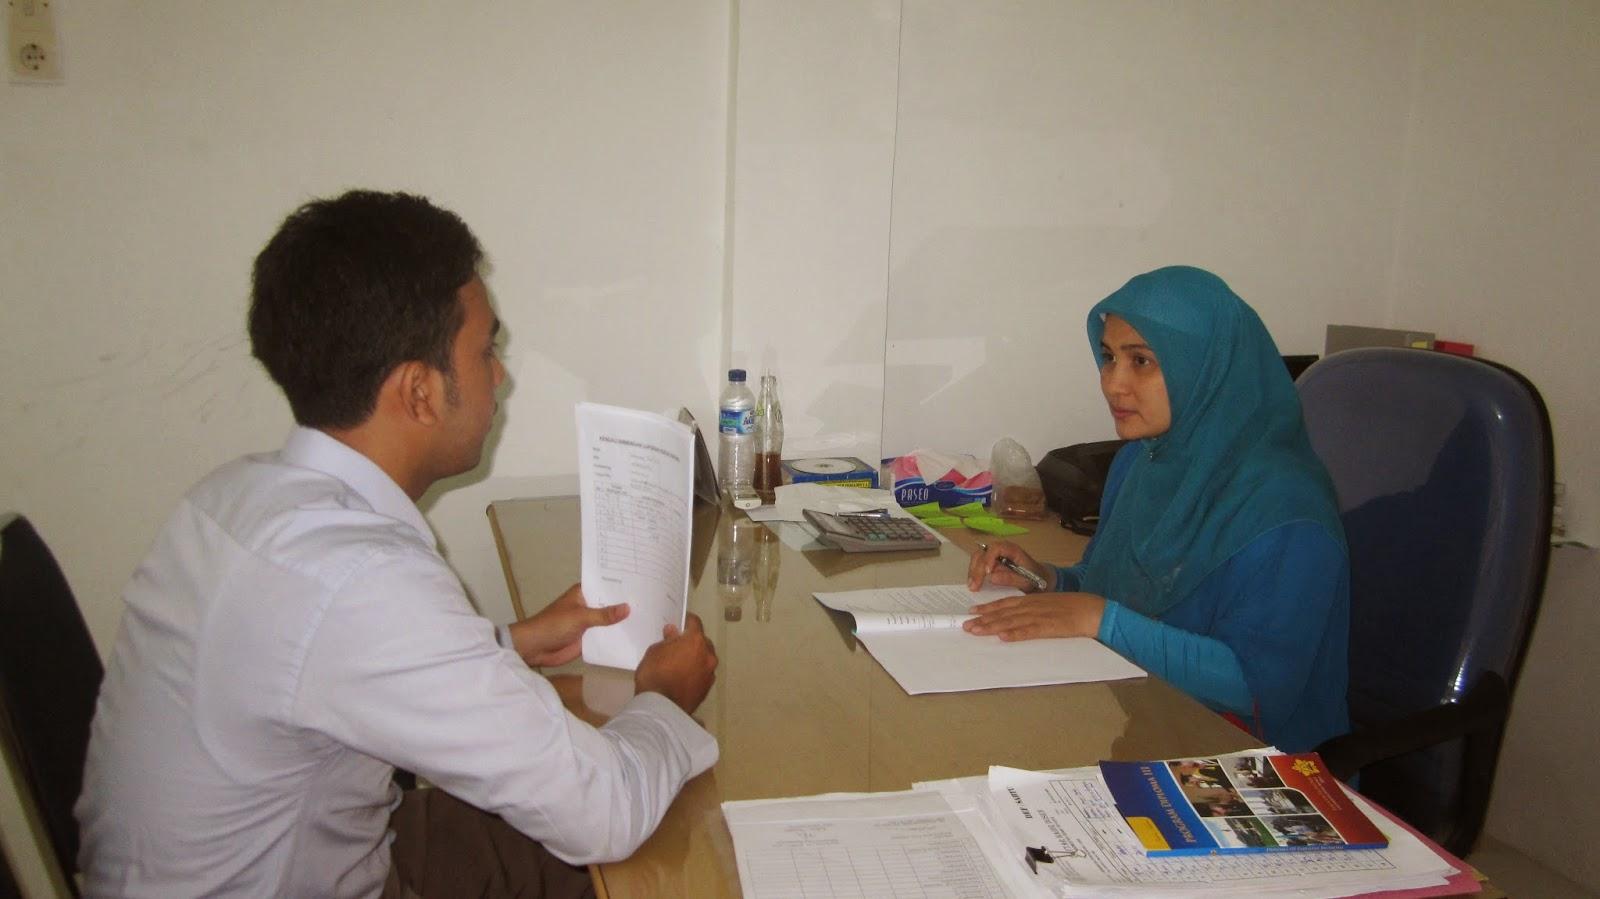 Ketua Prodi D-III perpajakan sedang melakukan Pembimbingan LKP terhadap Mahasiswa.